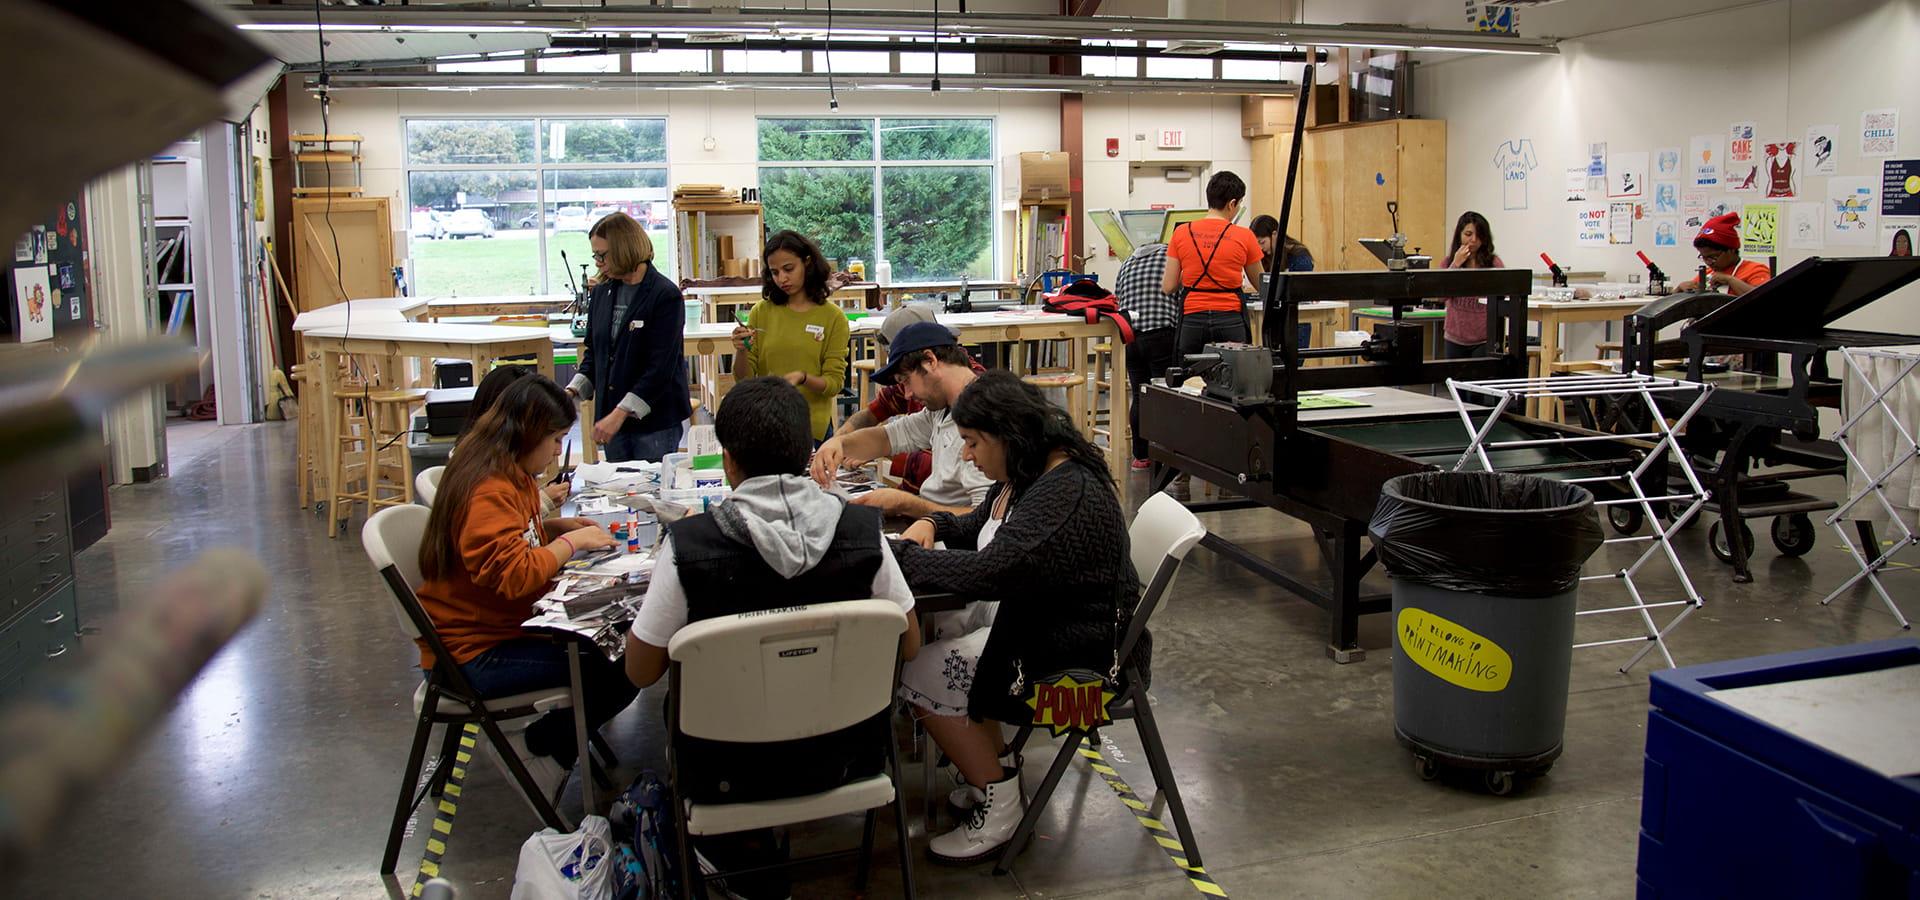 """Students working in art workshop"""" _languageinserted=""""true"""